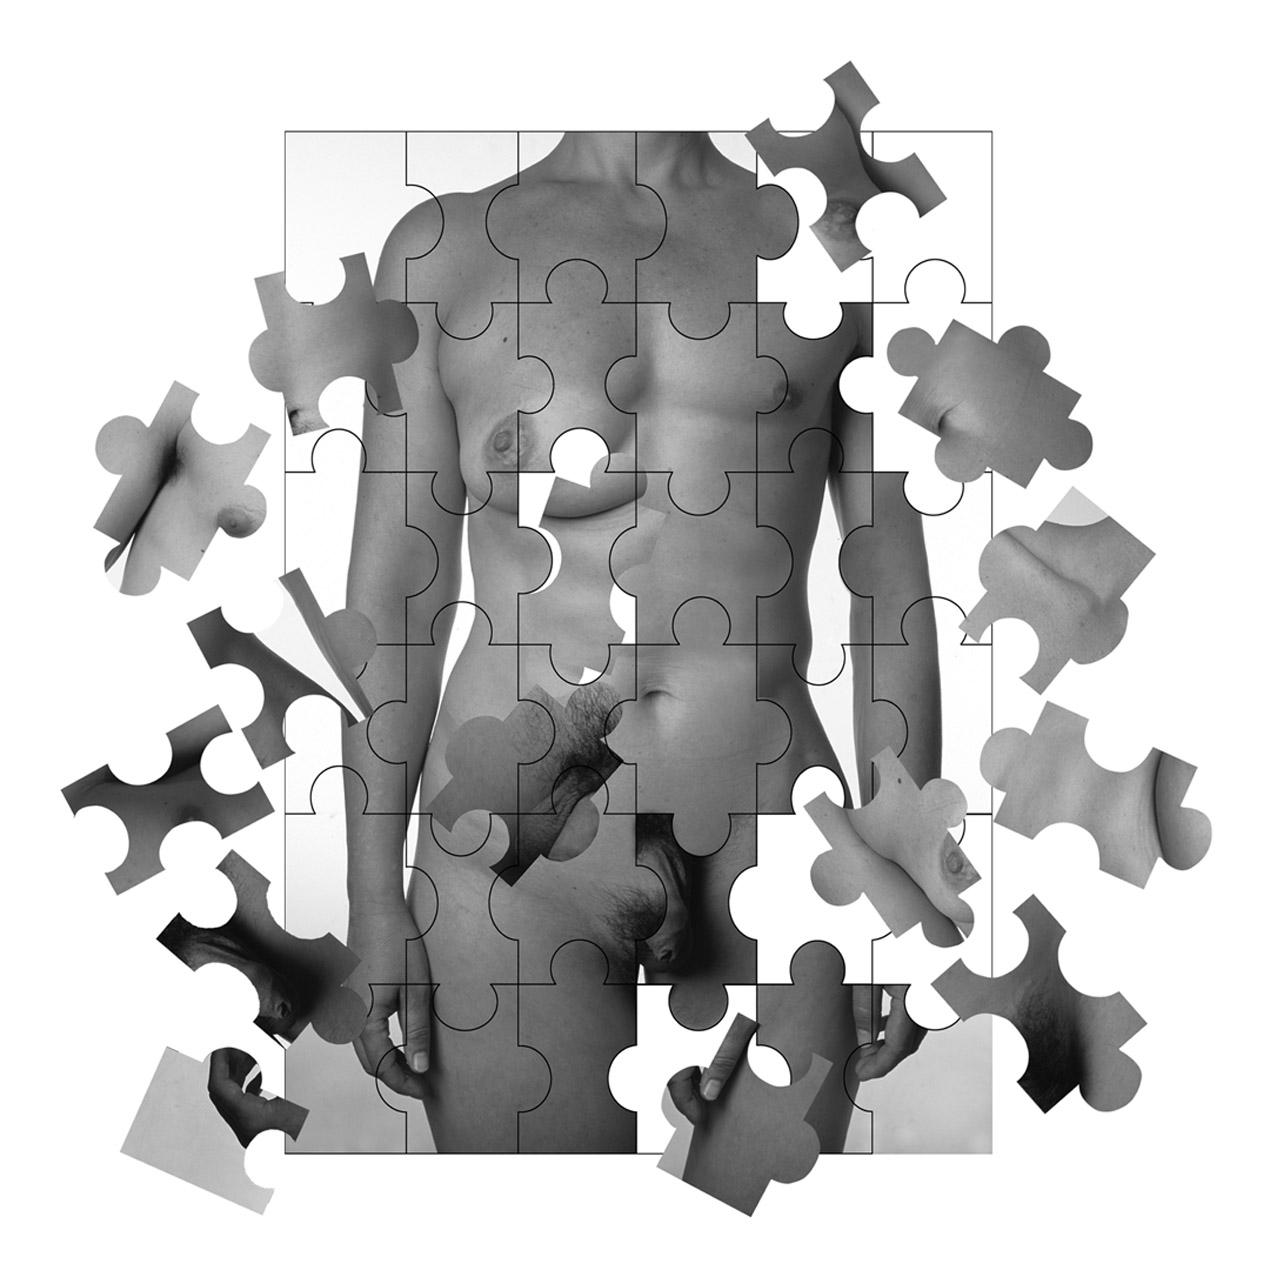 'La caja de Pandora'. 2 fotografías troqueladas y divididas en piezas de puzle